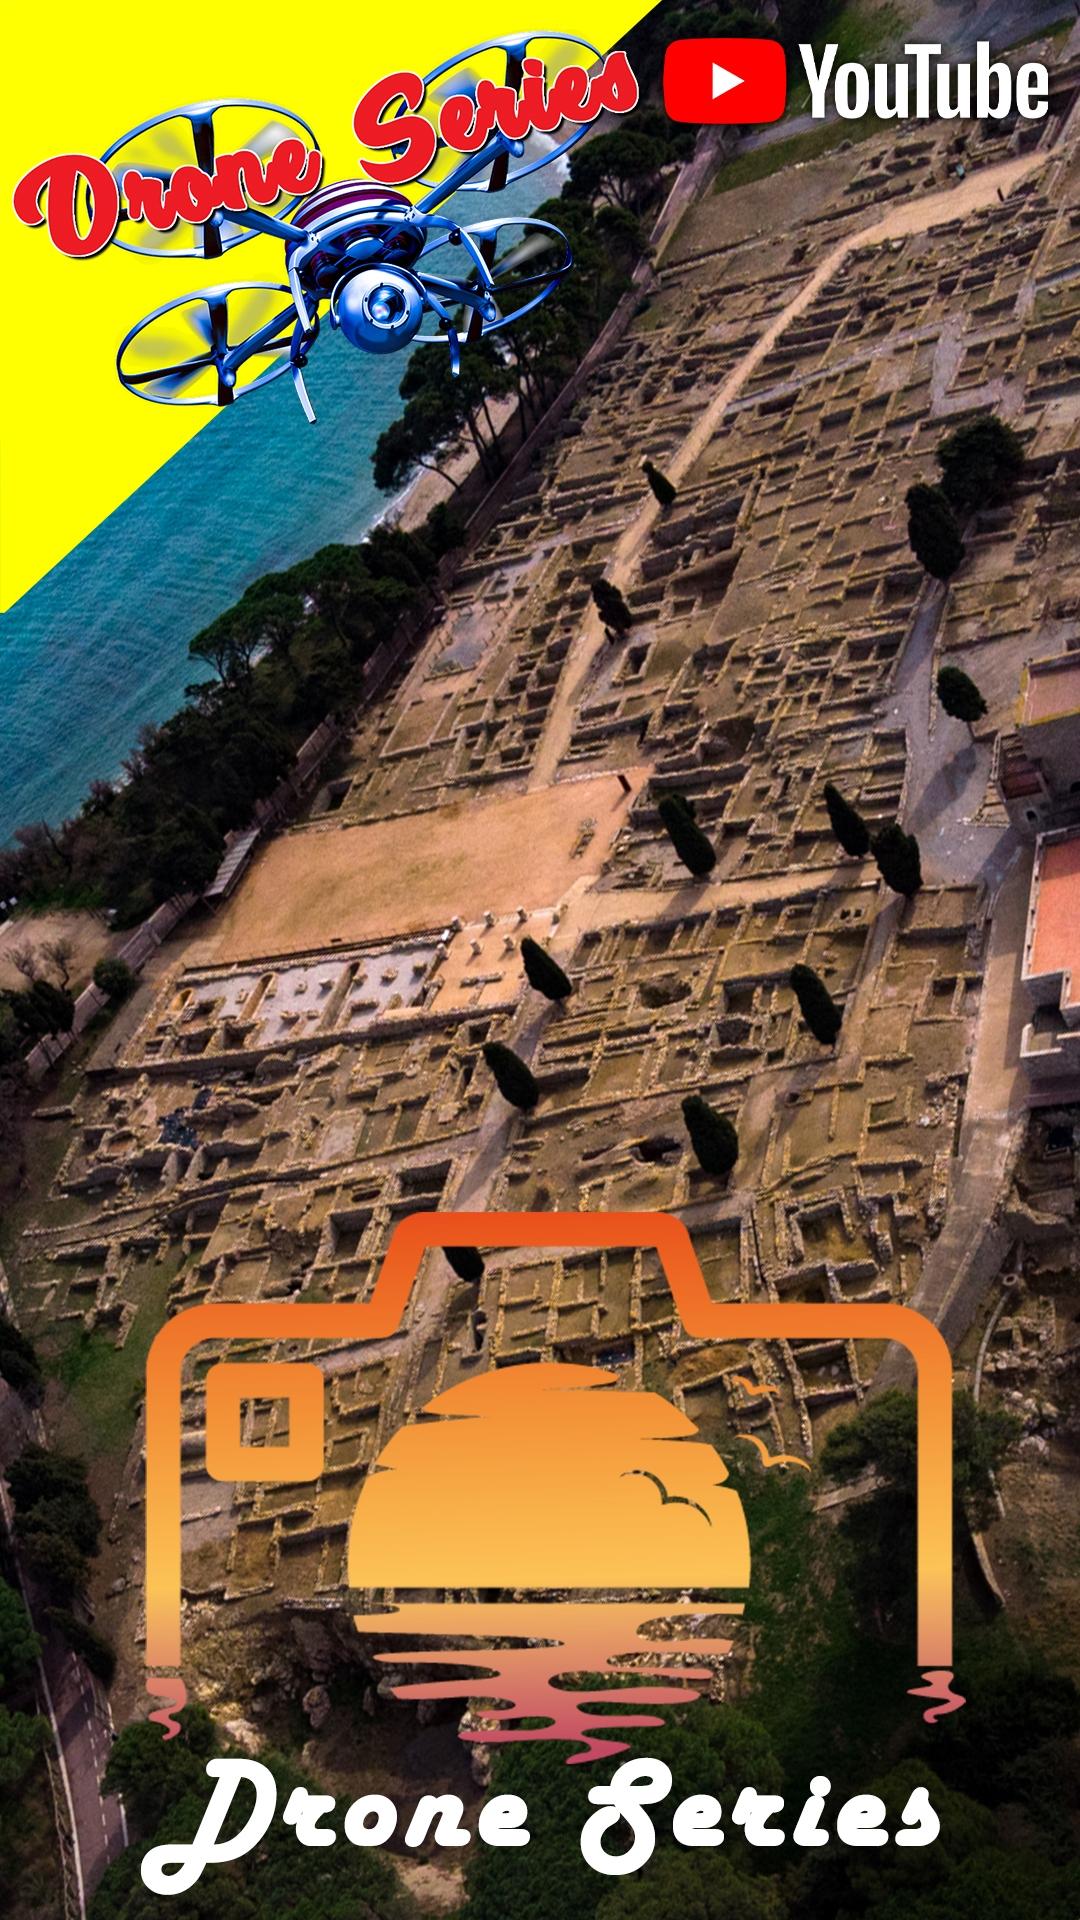 Drone Video Spain l'escala Estartit Els Griells Torroella de Montrgi Pals Costa Brava Vibes